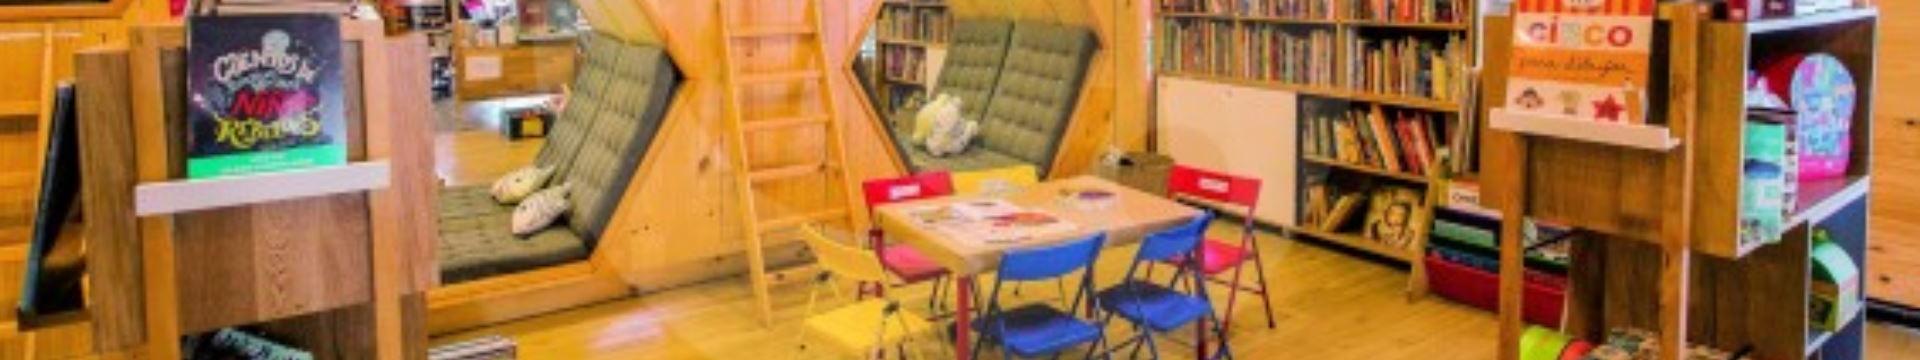 Librerías que se vuelven experiencias | Noticias BPC